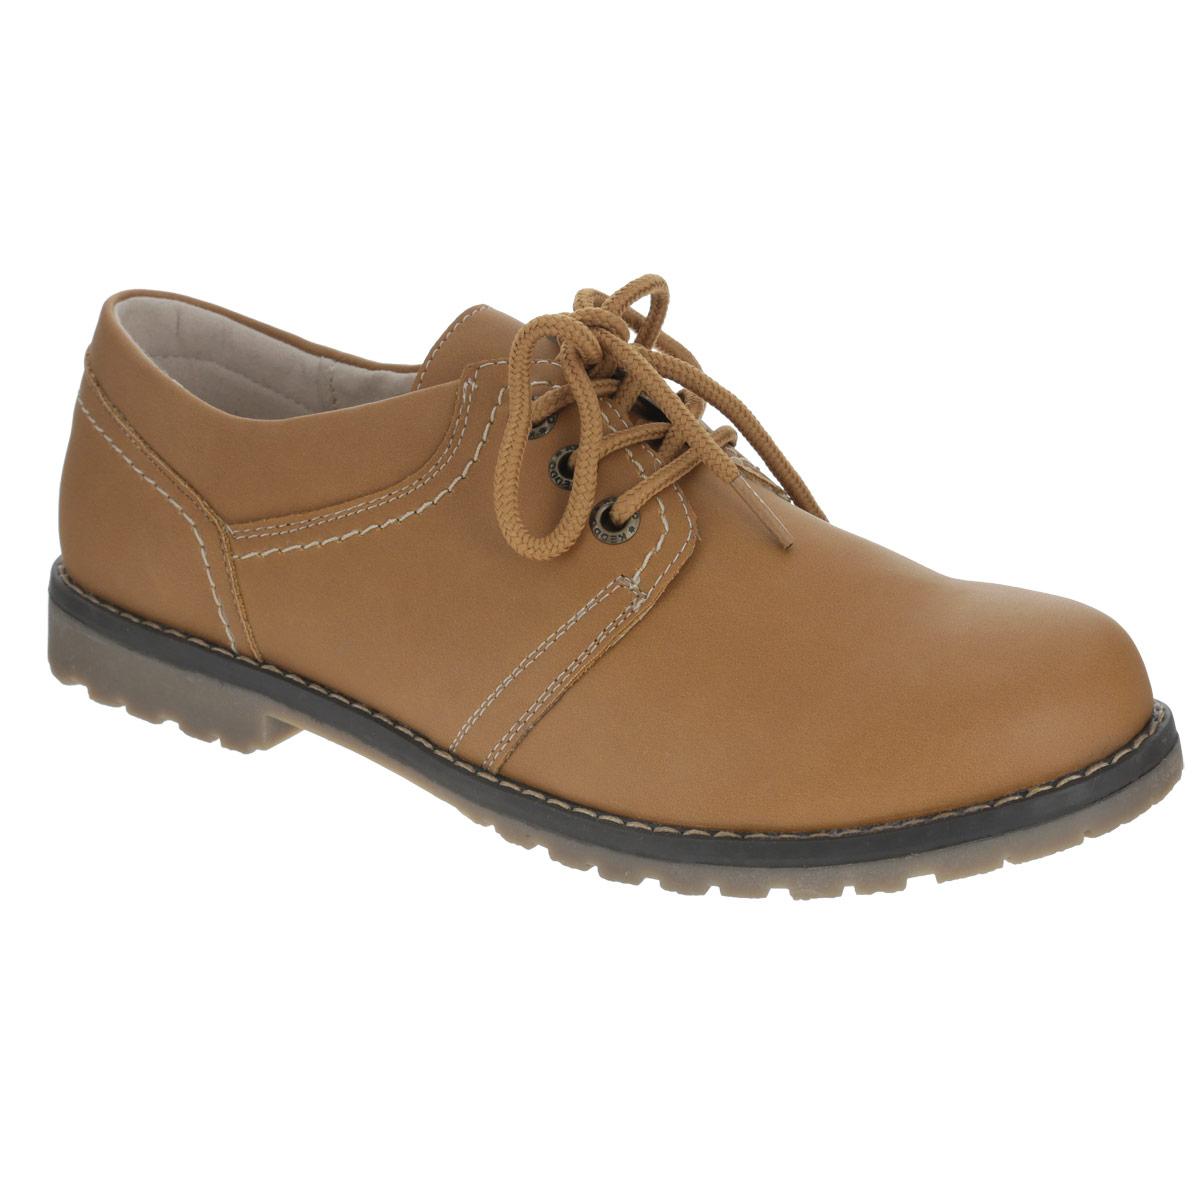 Полуботинки женские. 858325/12-05858325/12-05Классические женские полуботинки от Keddo внесут изюминку в ваш образ. Модель изготовлена из искусственного нубука и оформлена крупной прострочкой вдоль ранта, контрастной вставкой на подошве. Шнуровка прочно зафиксирует обувь на вашей ноге. Стелька из натуральной кожи позволяет ногам дышать. Подошва и каблук с противоскользящим рифлением обеспечивают отличное сцепление с поверхностью. Удобные полуботинки - незаменимая вещь в гардеробе истинной модницы.